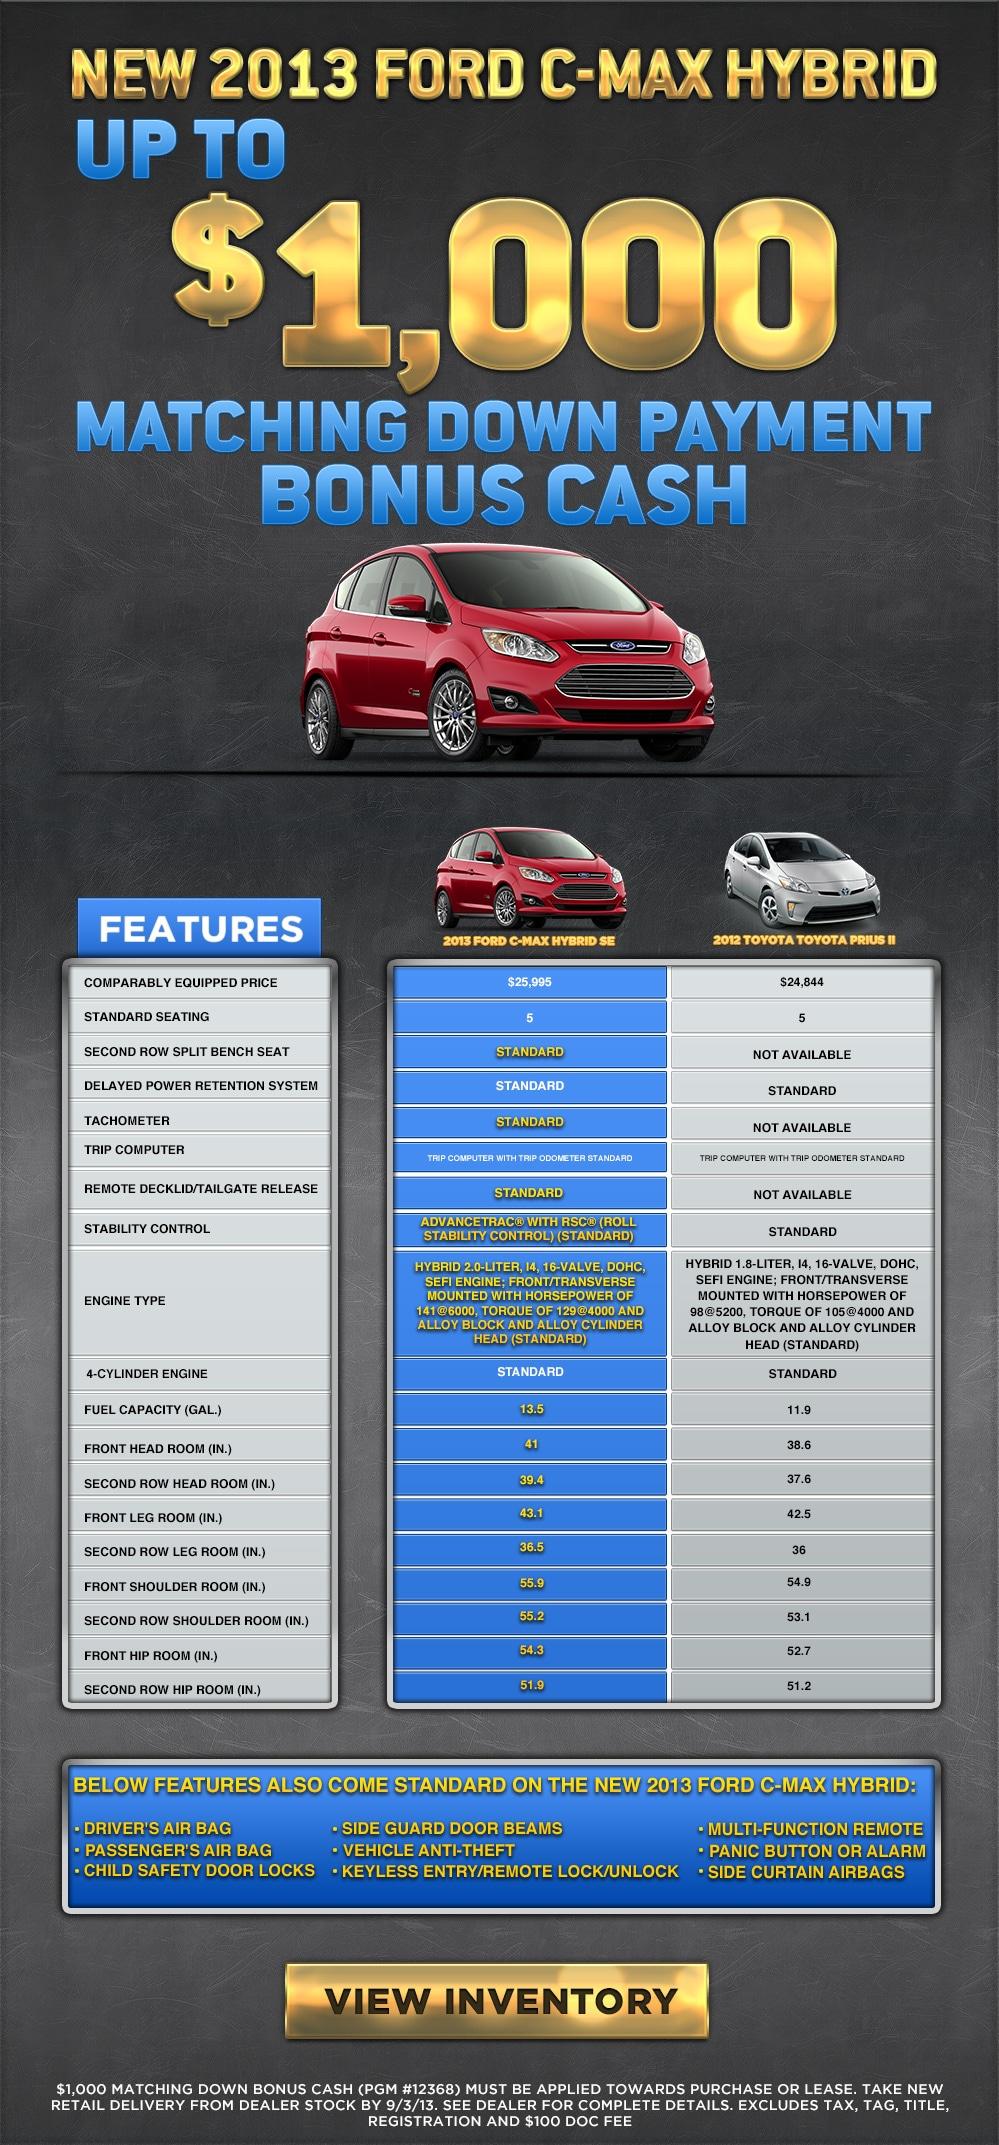 Ford comparison